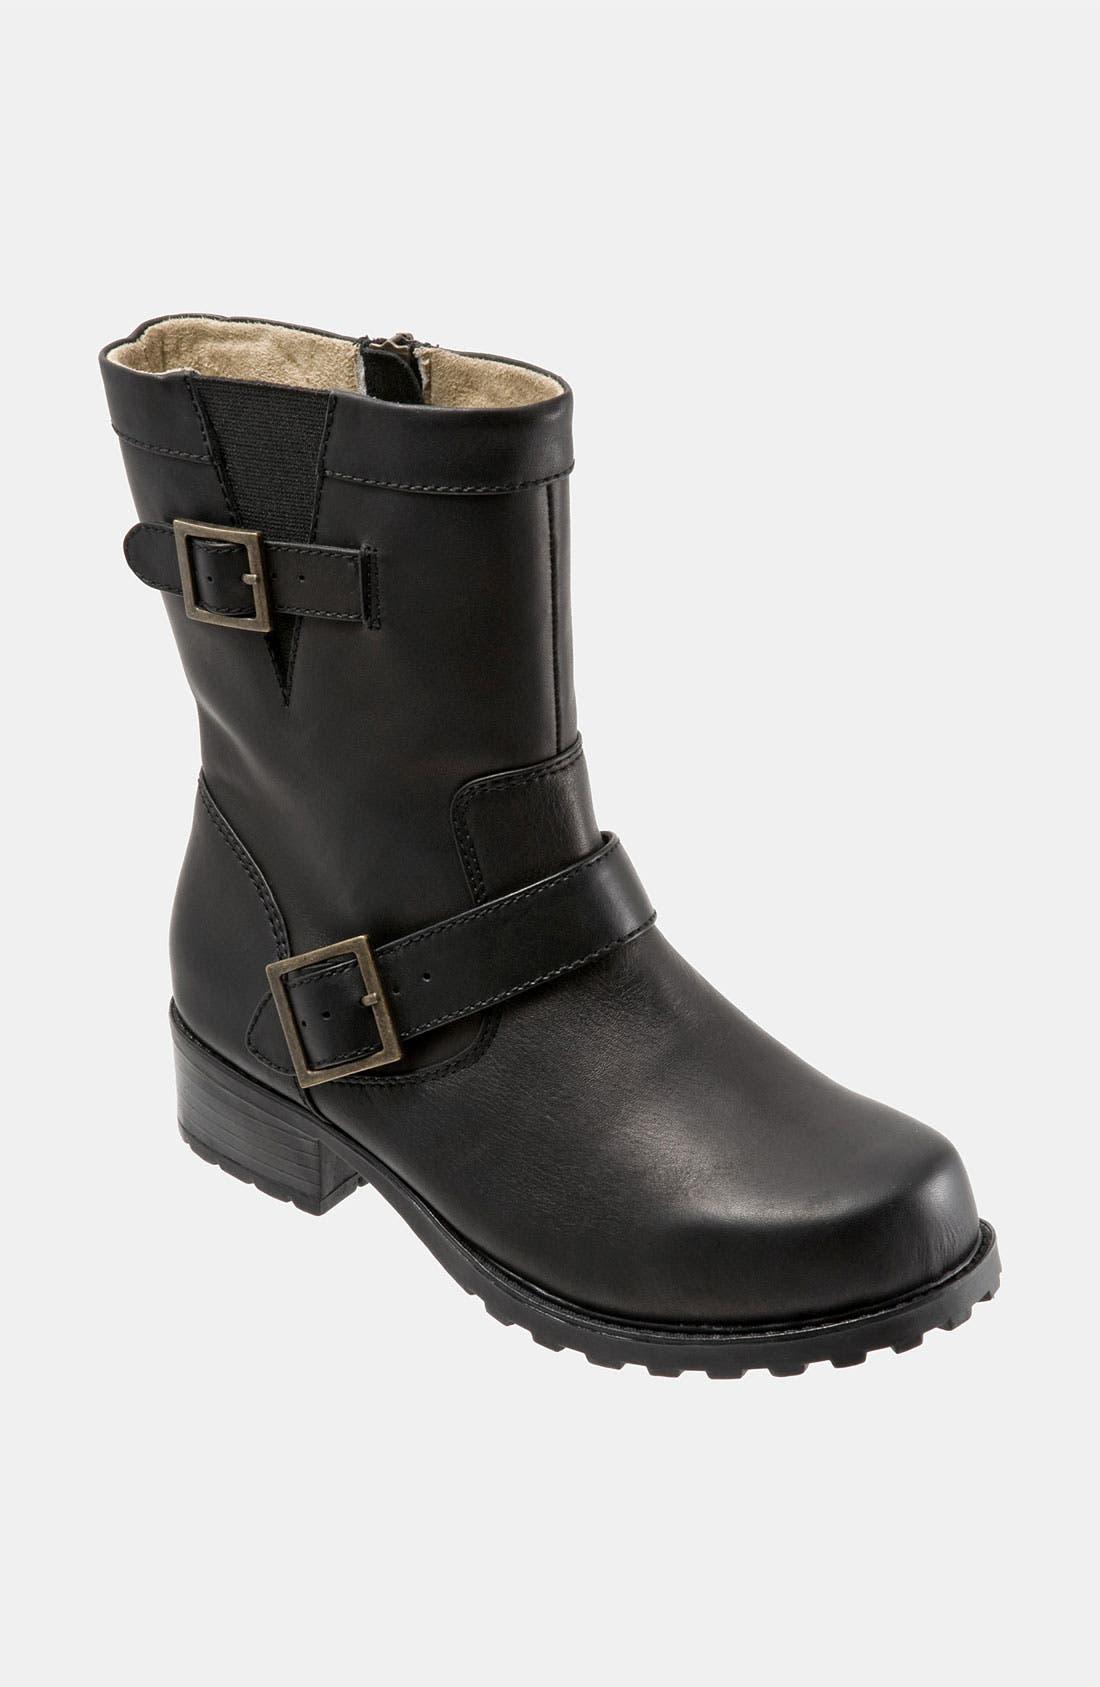 SOFTWALK® 'Bellville' Boot